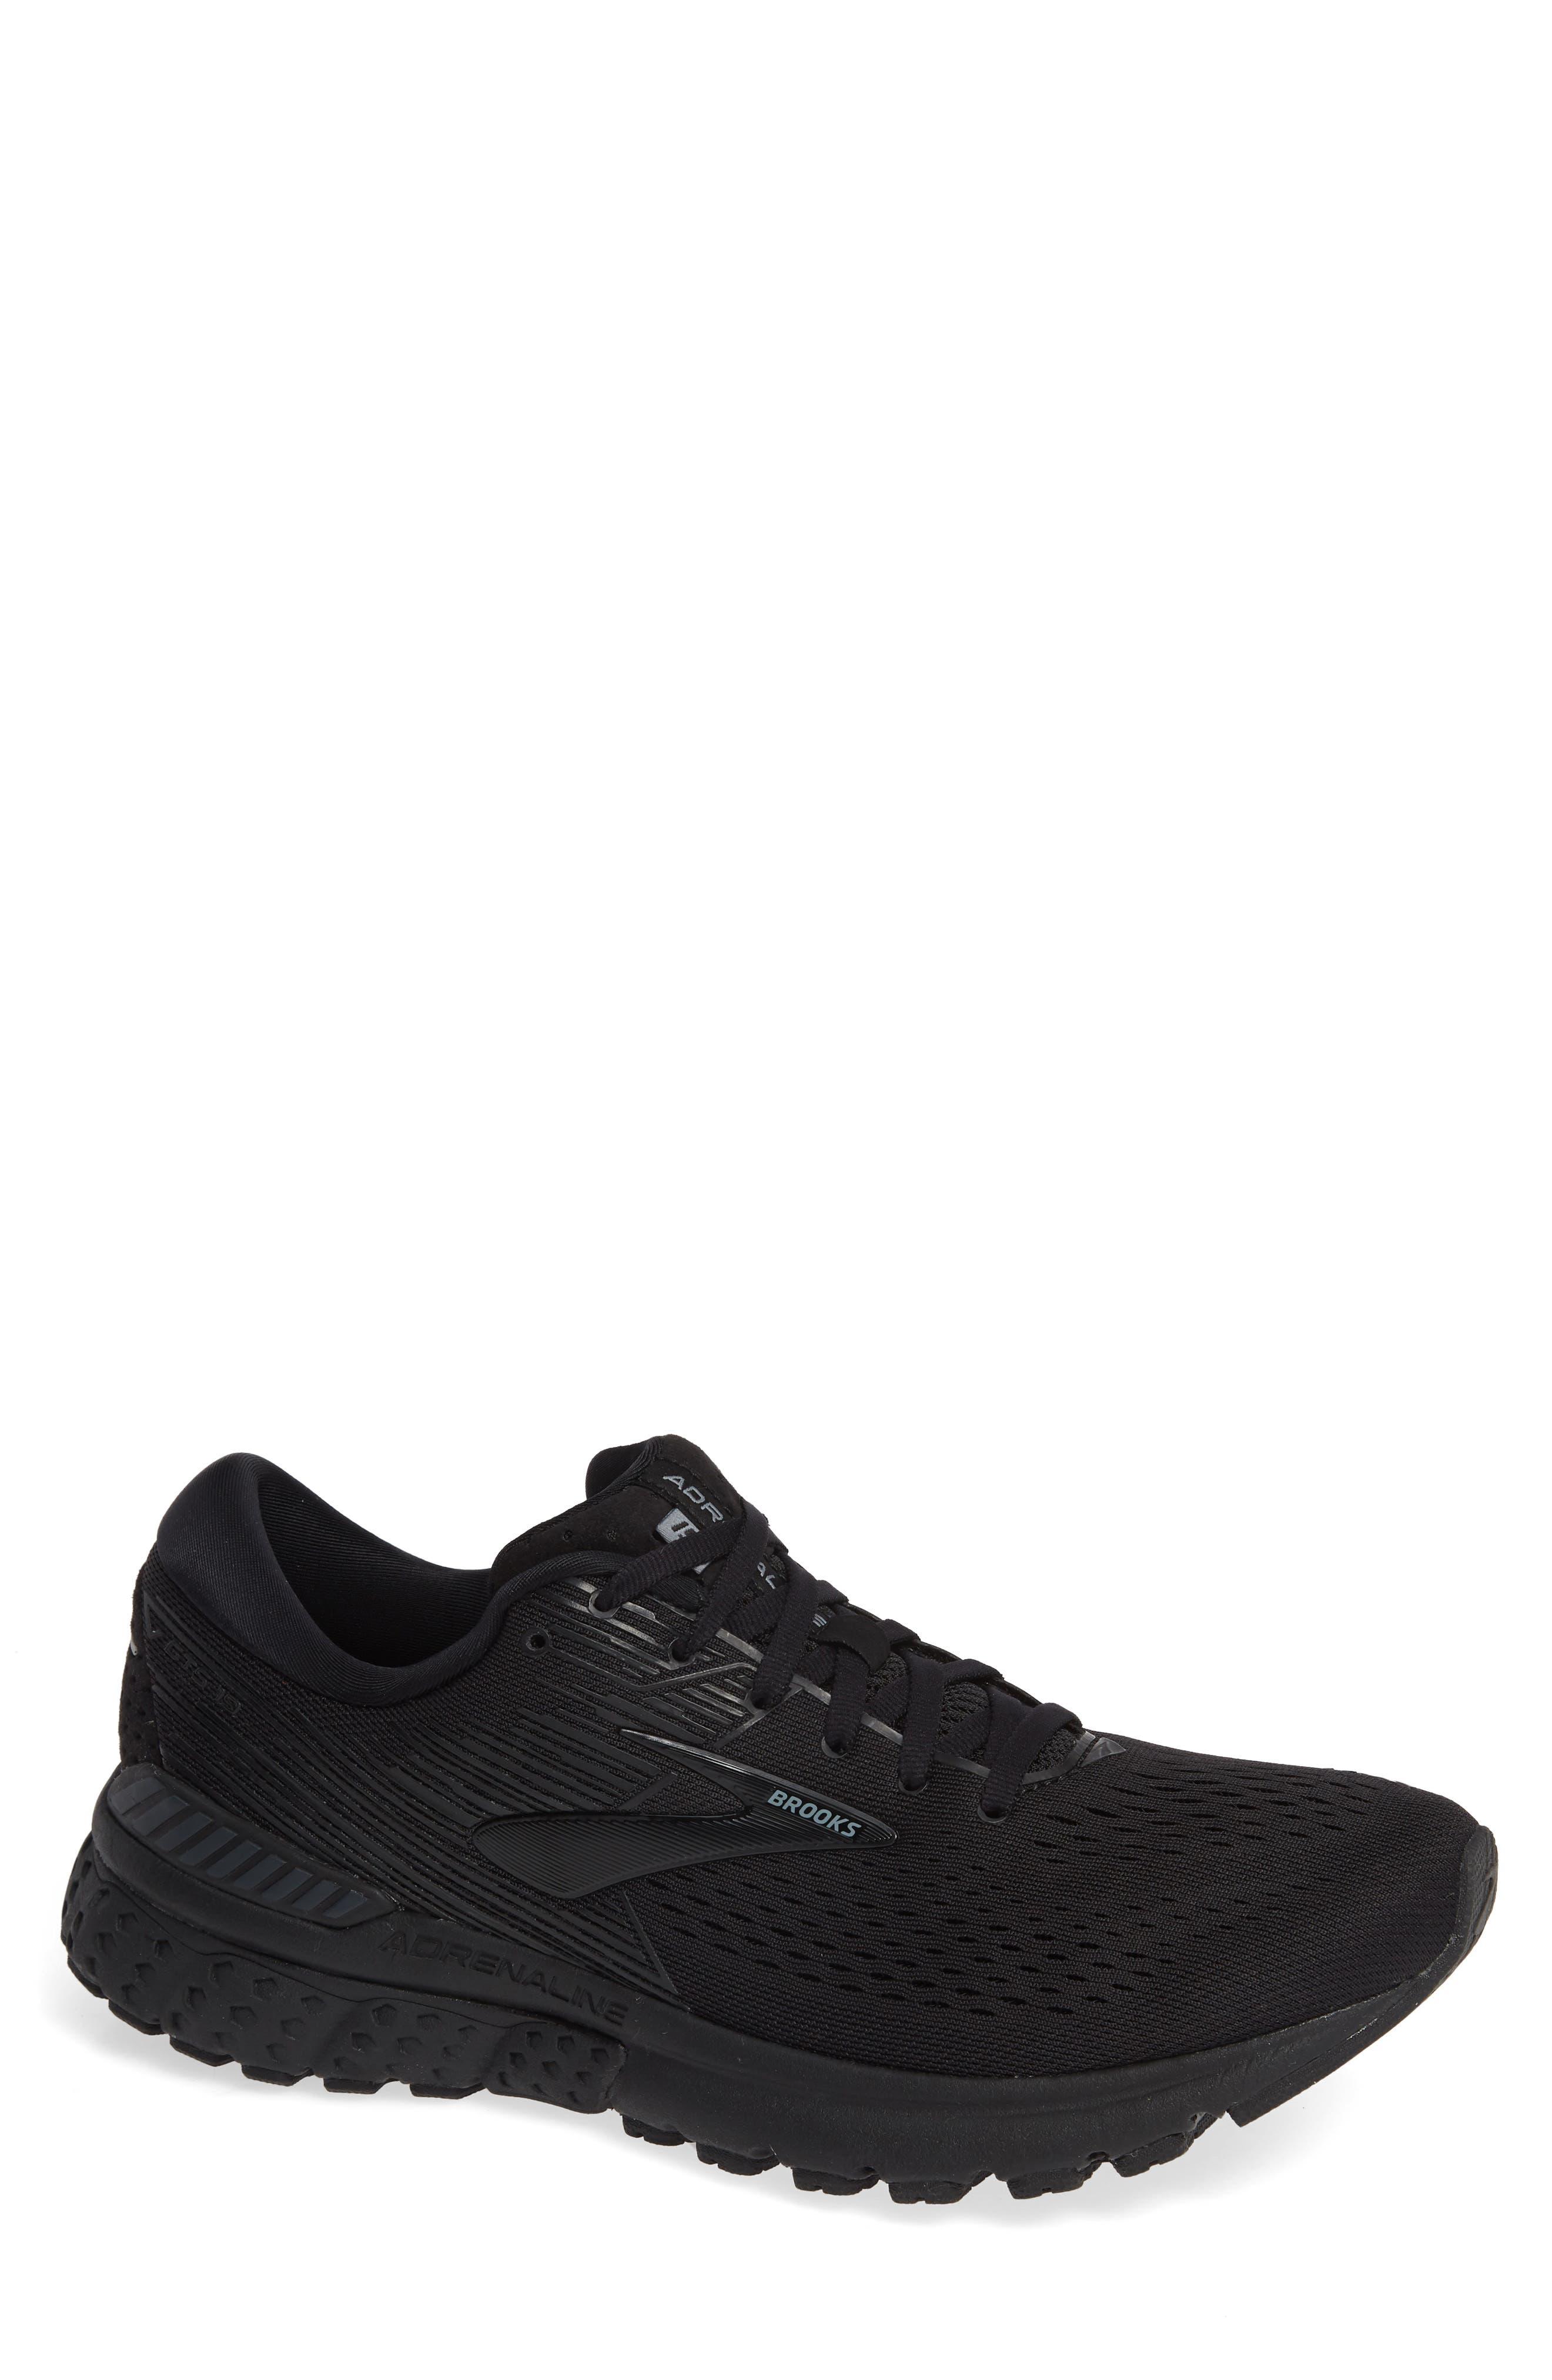 Brooks Adrenaline Gts 19 Running Shoe EEEE - Black